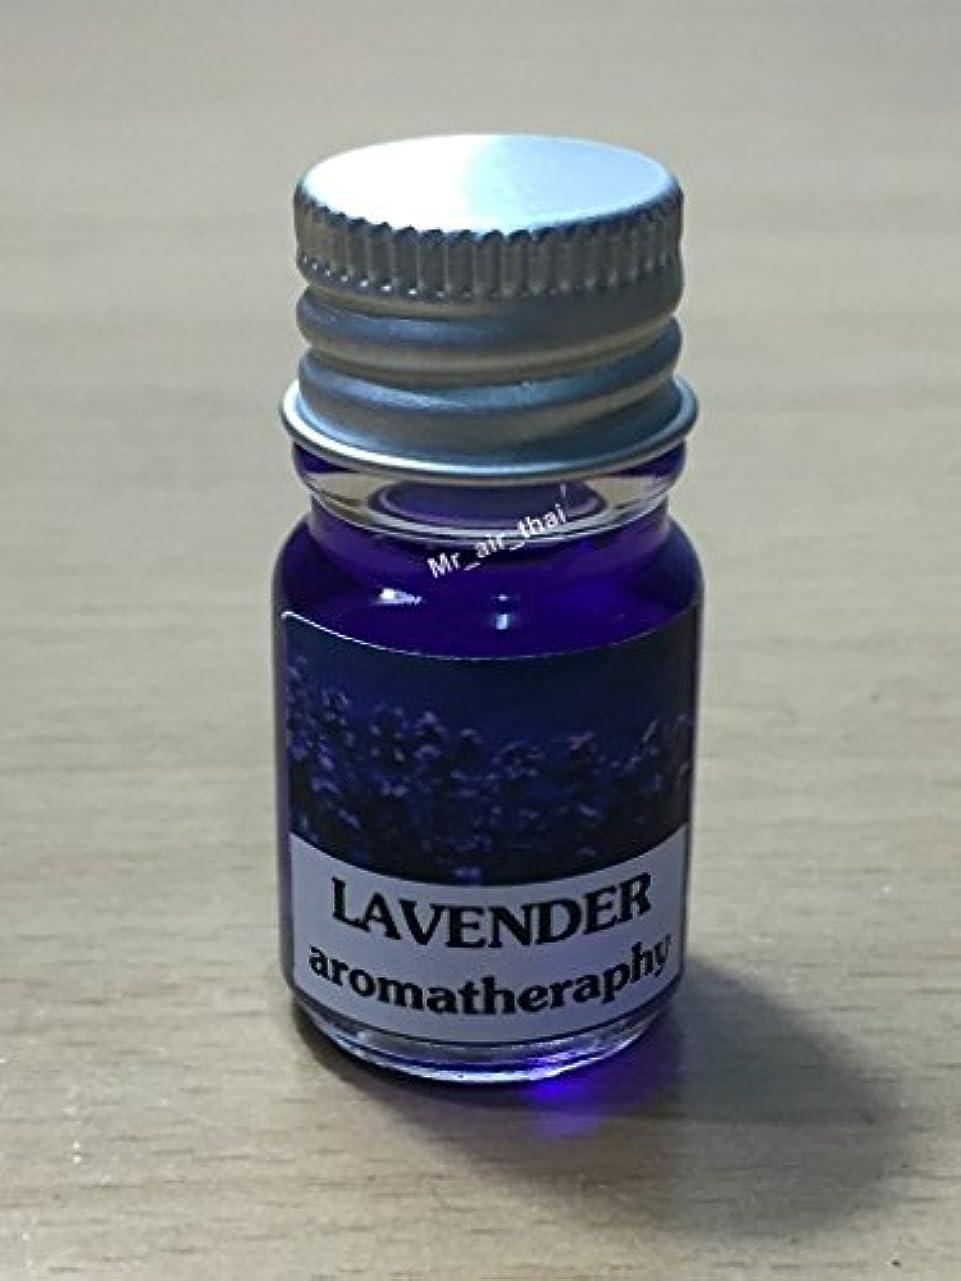 典型的な蓮不潔5ミリリットルアロマラベンダーフランクインセンスエッセンシャルオイルボトルアロマテラピーオイル自然自然5ml Aroma Lavender Frankincense Essential Oil Bottles Aromatherapy...